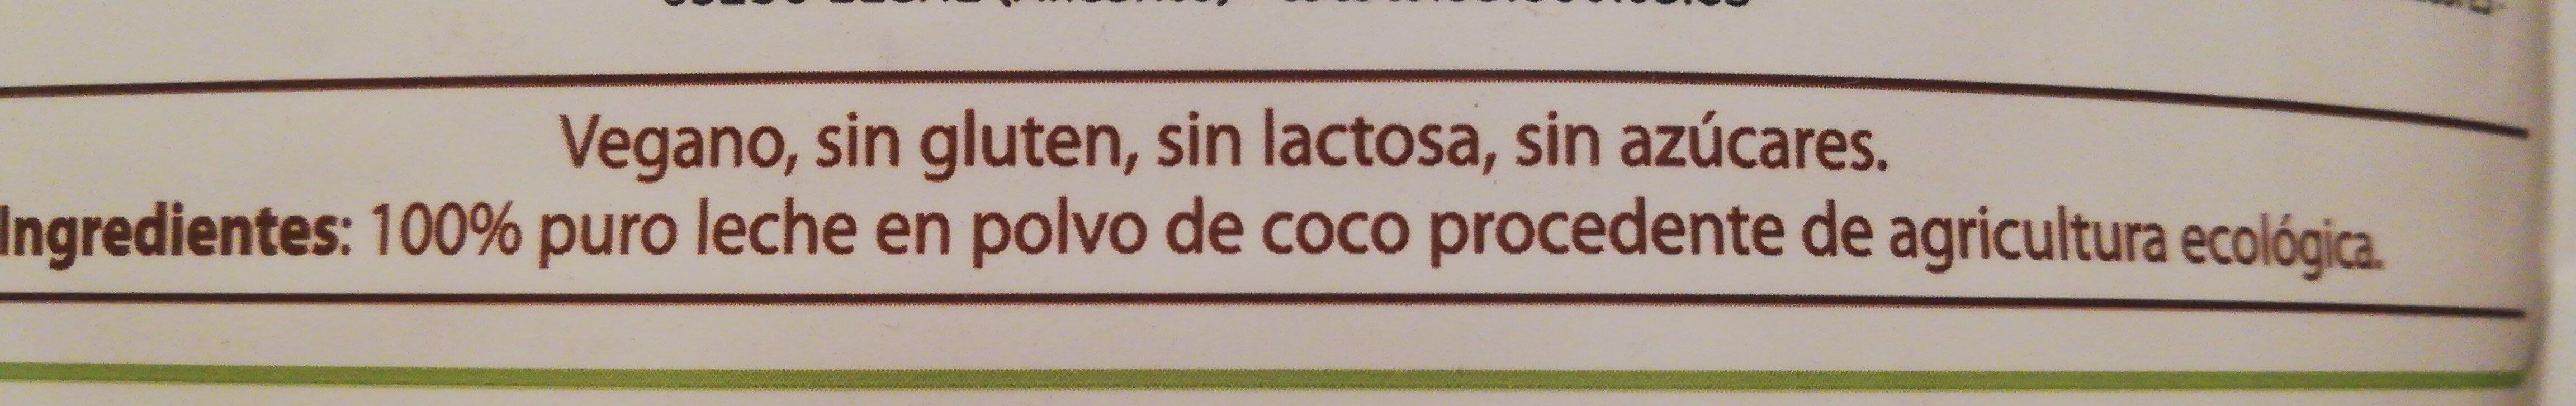 Leche de coco polvo liofilizada - Ingredients